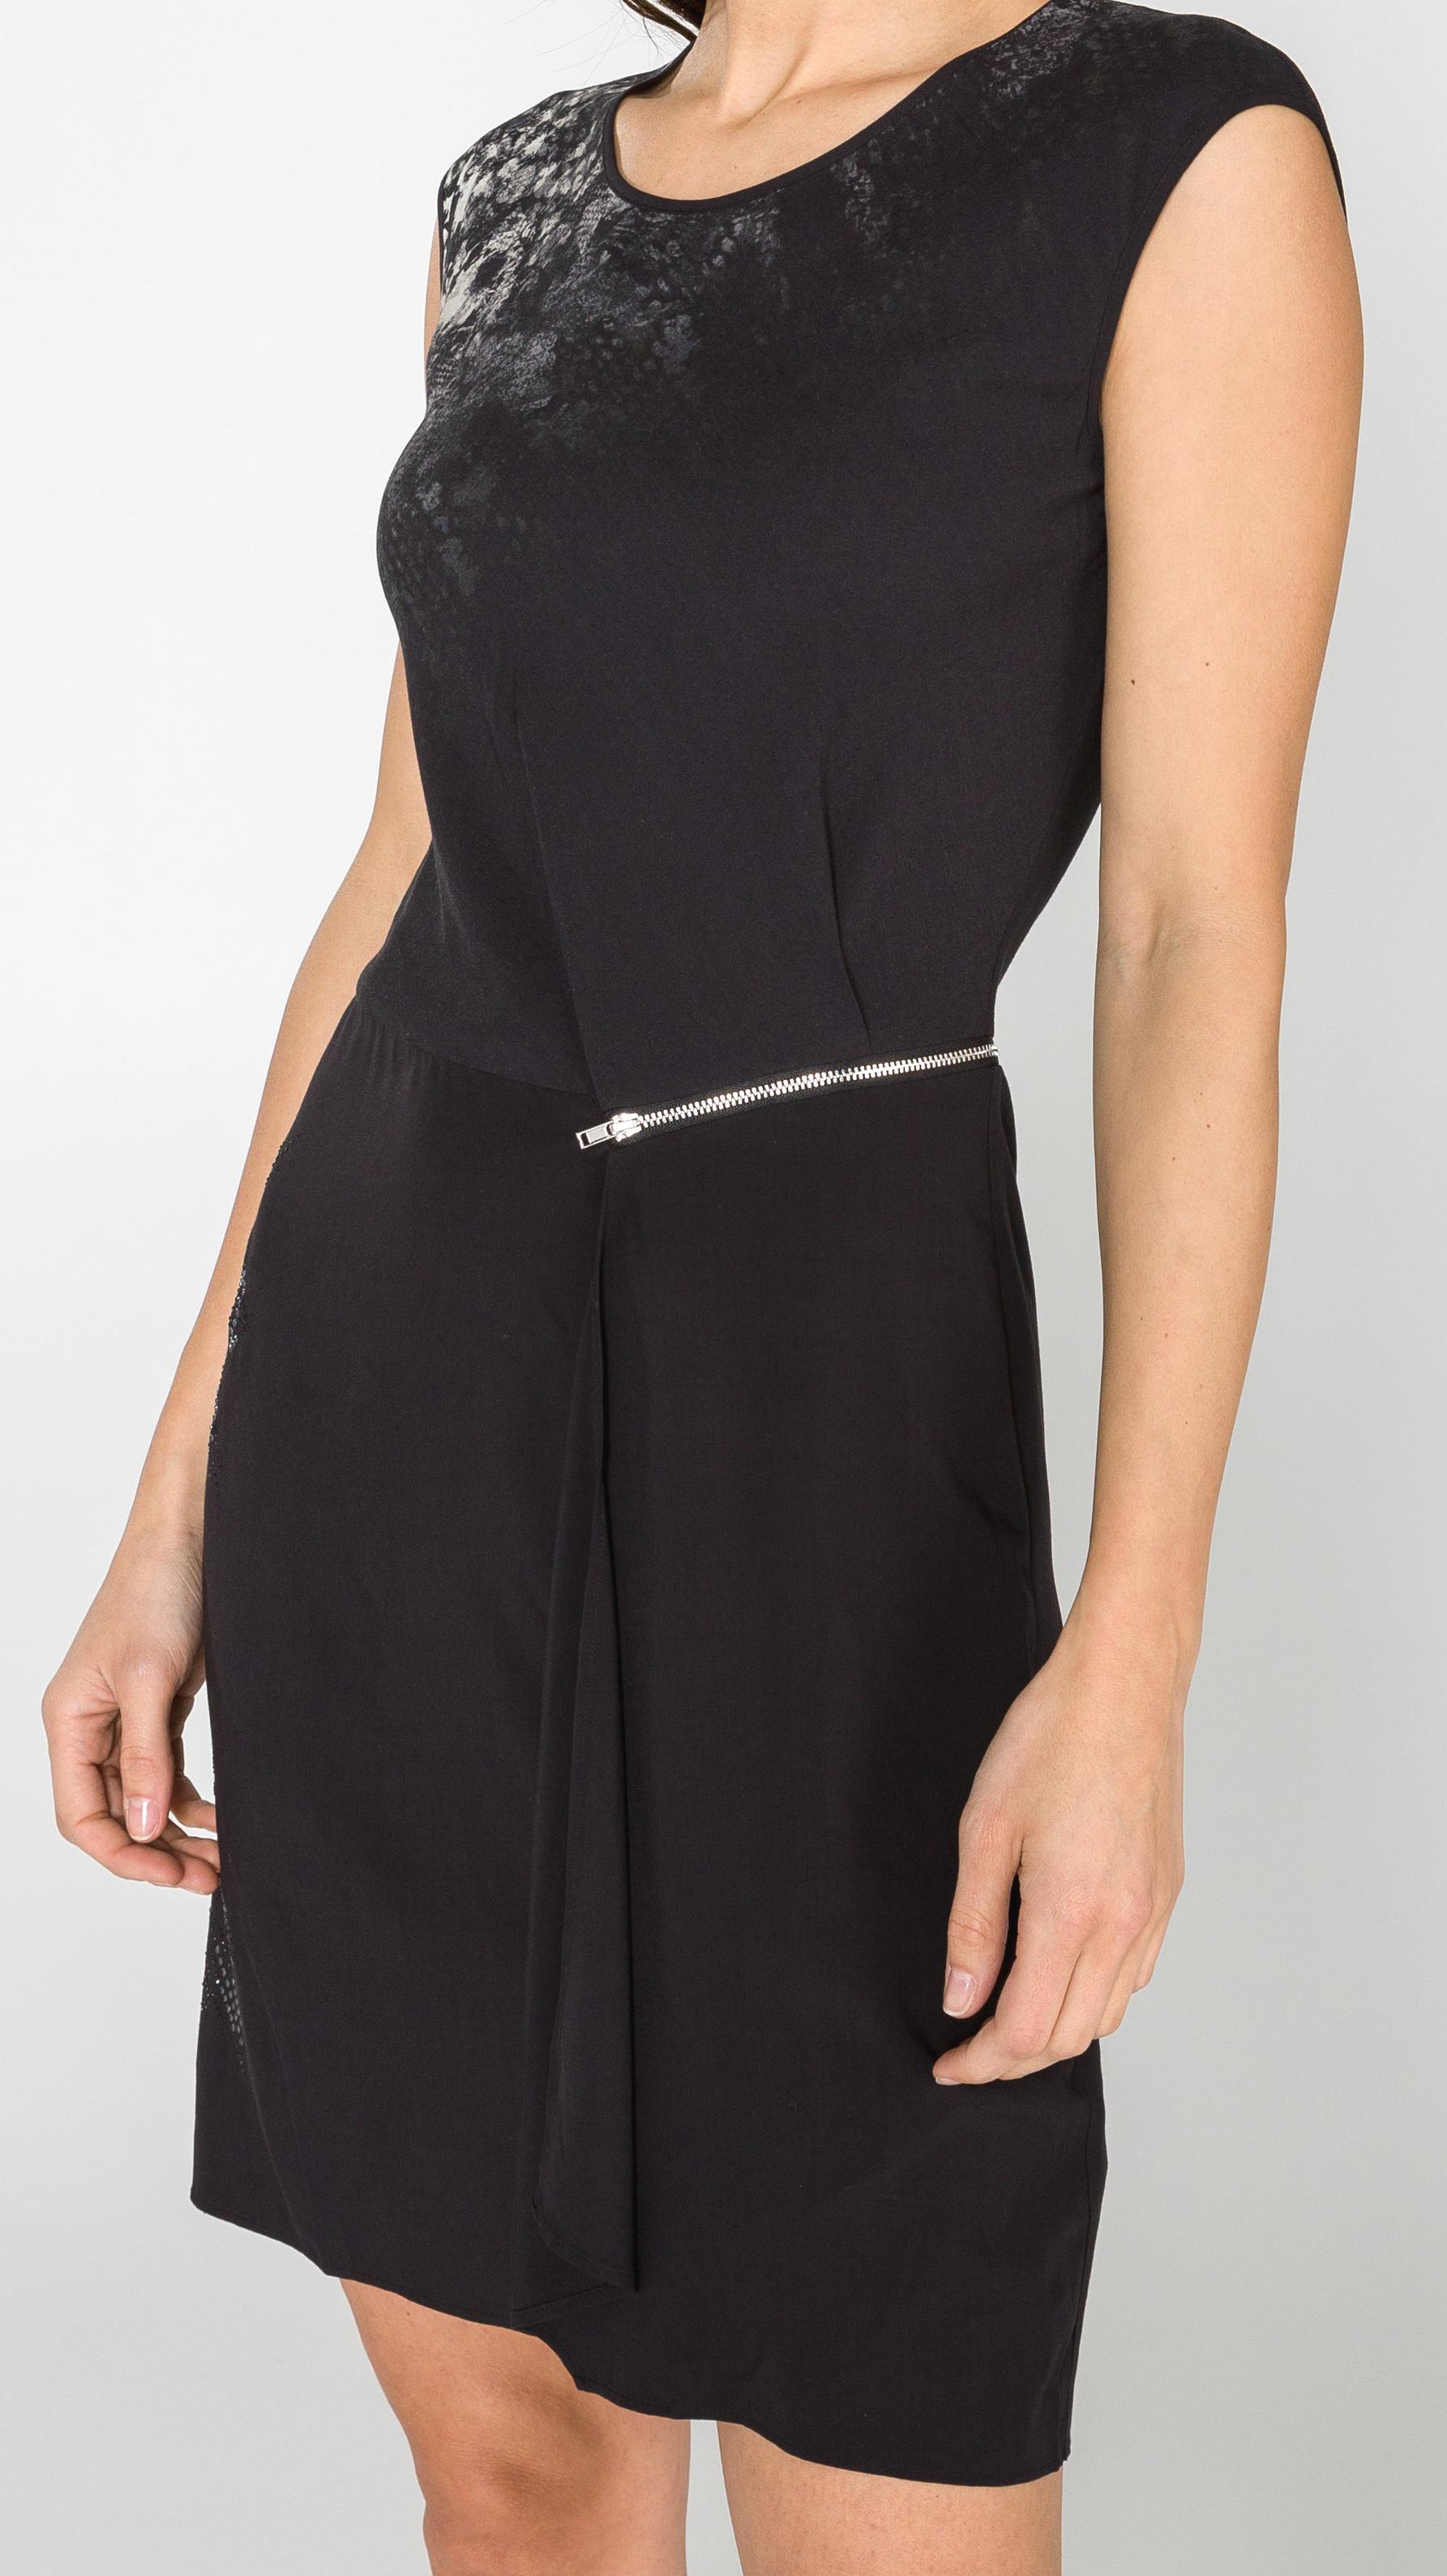 Dámské černé luxusní šaty (Stylové dámské Desigual šaty bez rukávů)